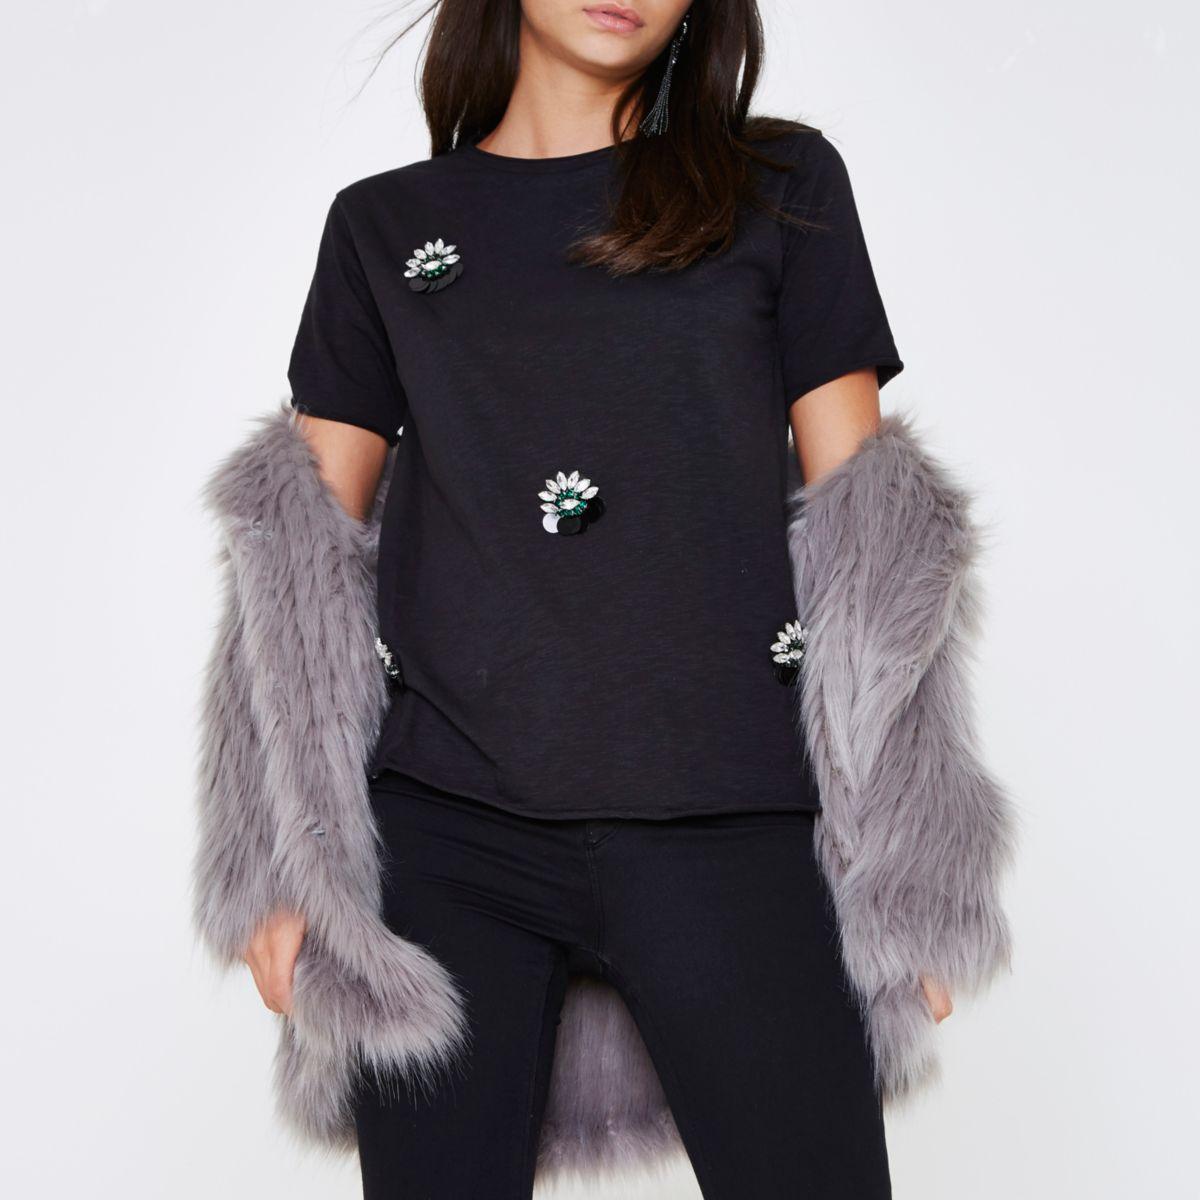 Black jewel embellished brooch T-shirt